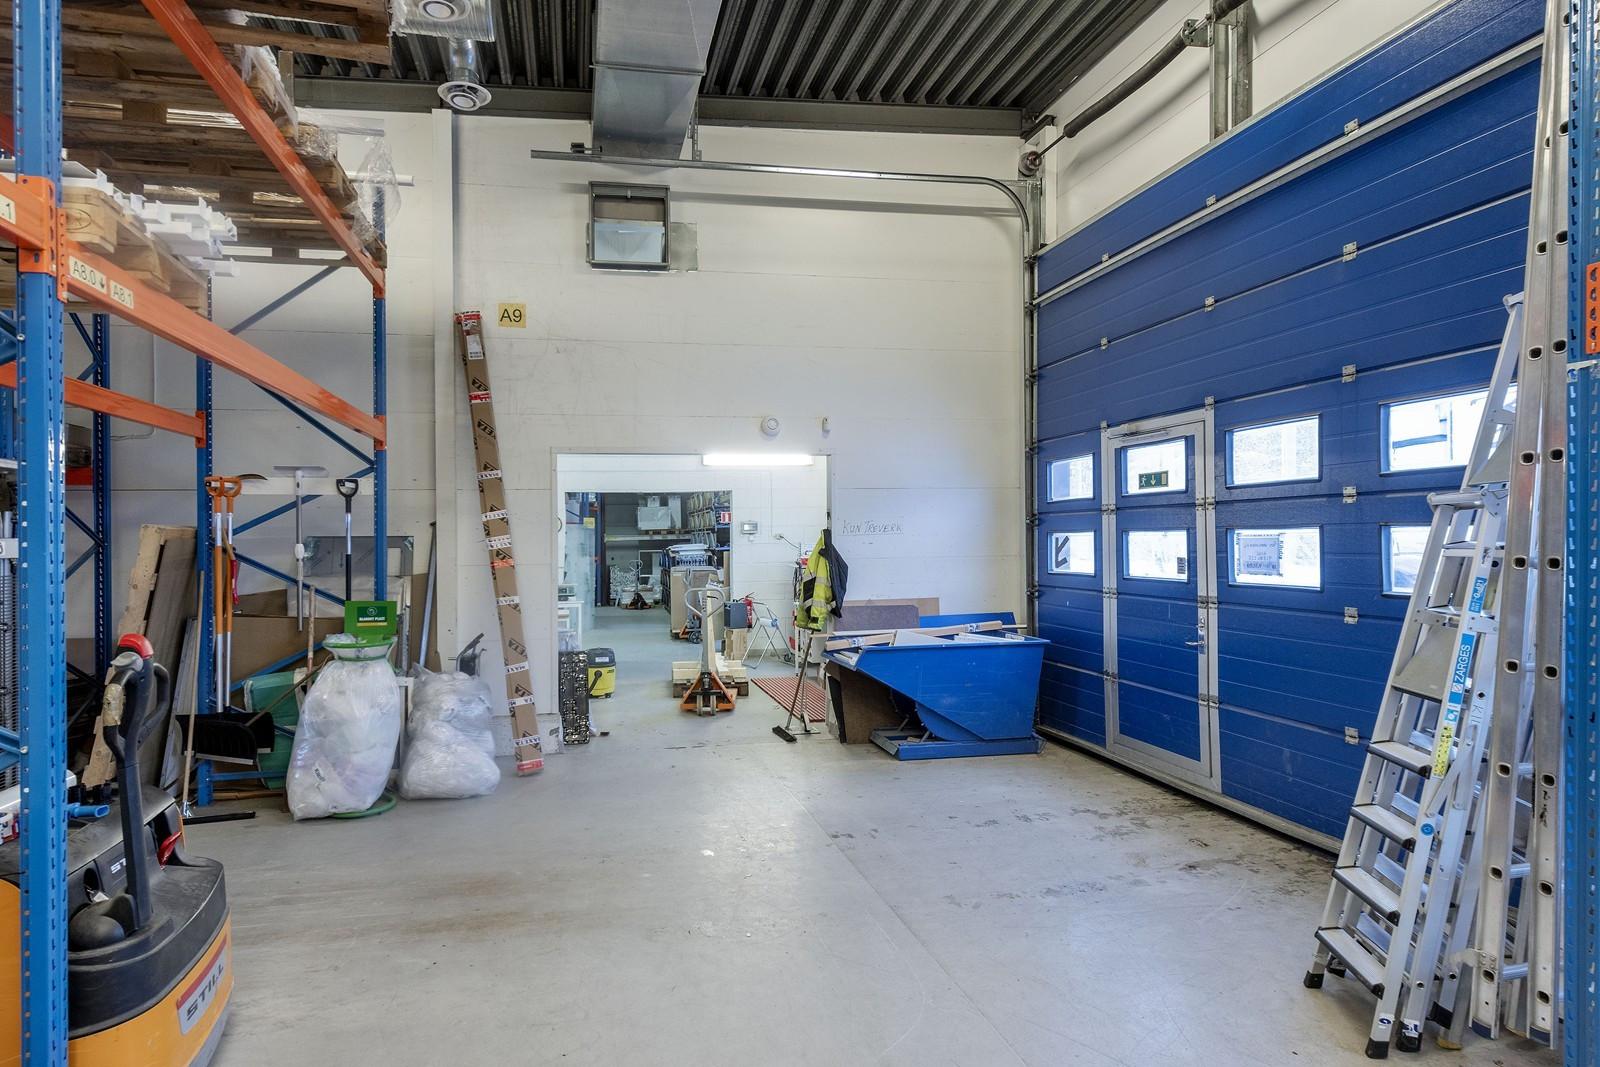 Kjøreport til lager - gjennomgang mellom lagerhaller - Takhøyde 5m